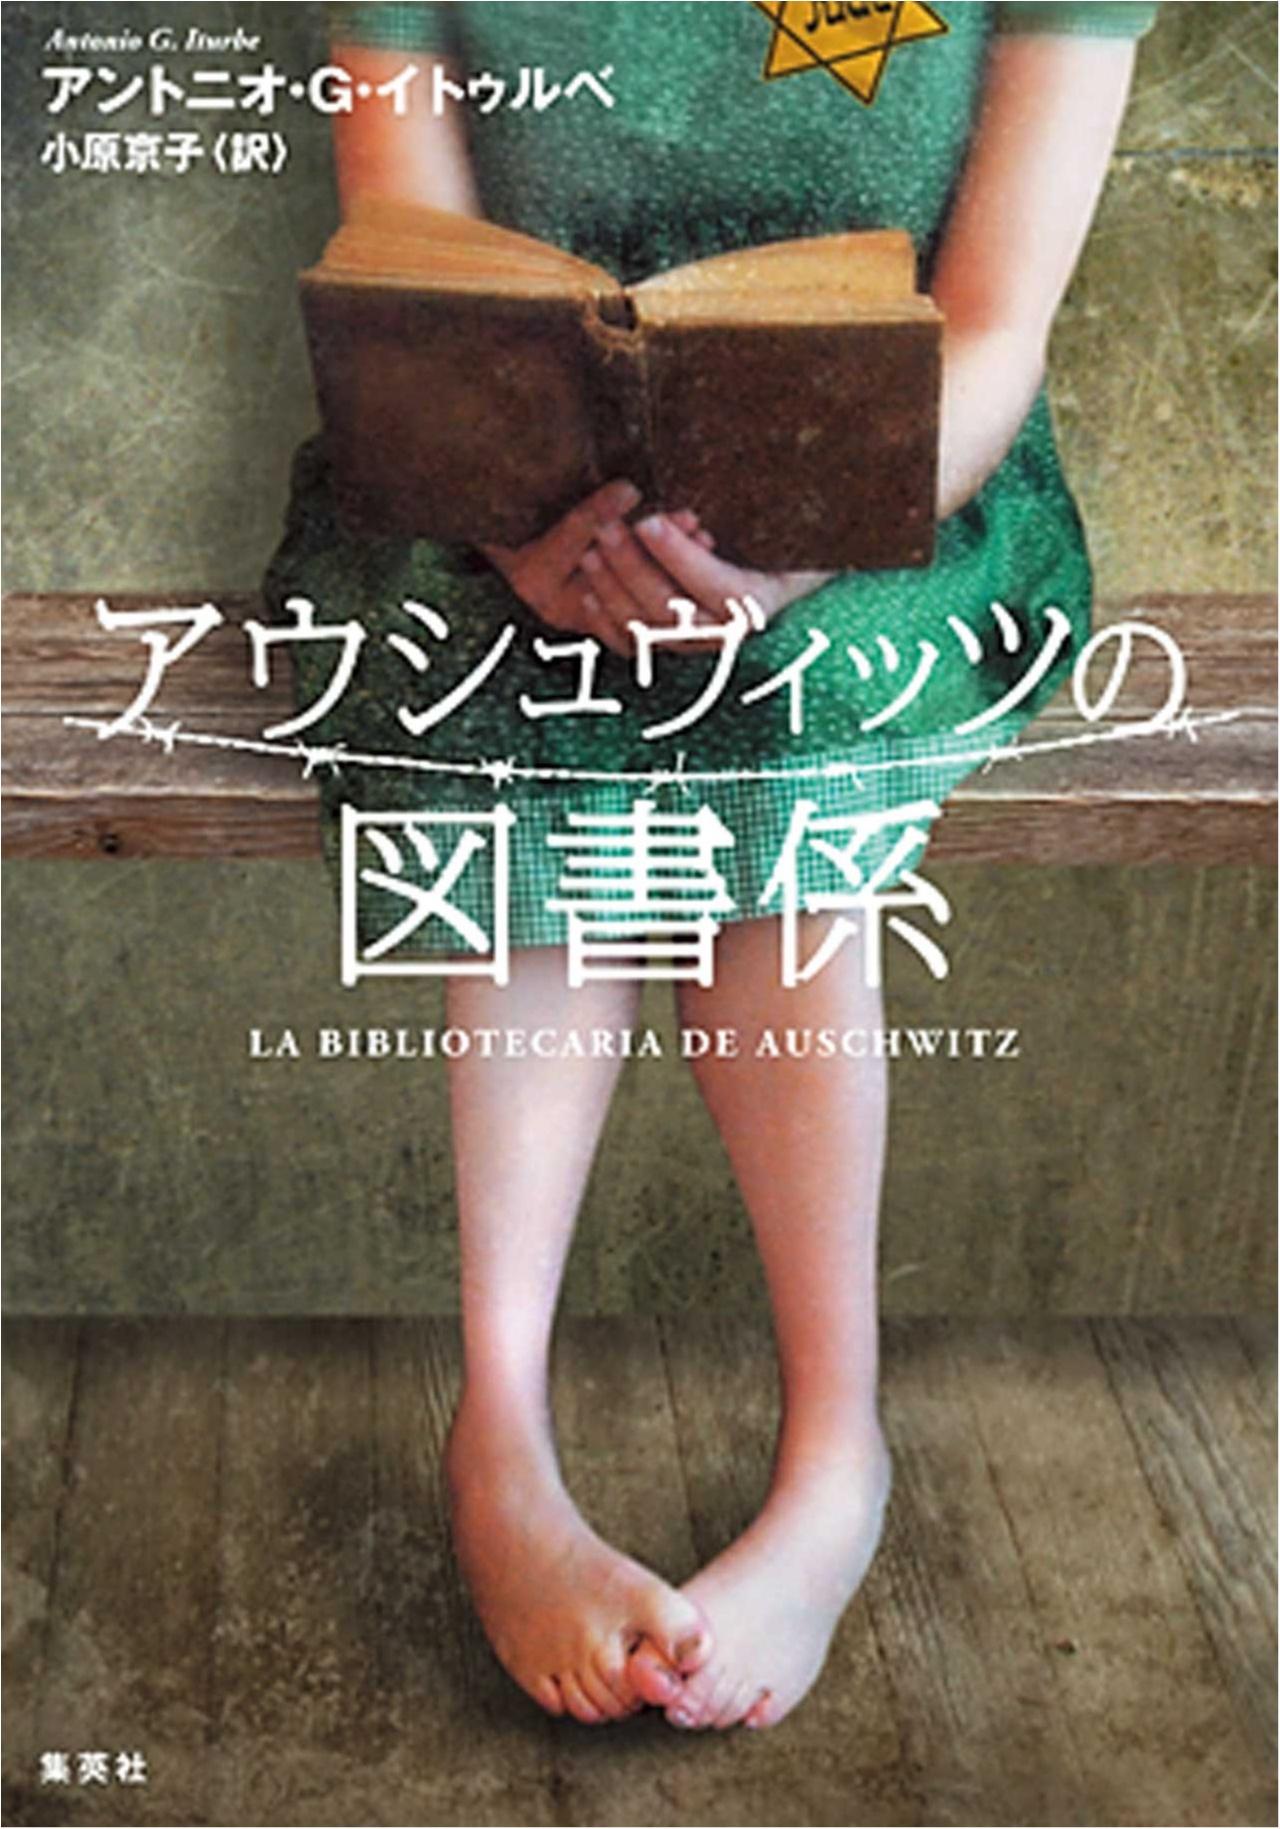 今月のオススメ★BOOK『牛姫の嫁入り』『アウシュヴィッツの図書係』_2